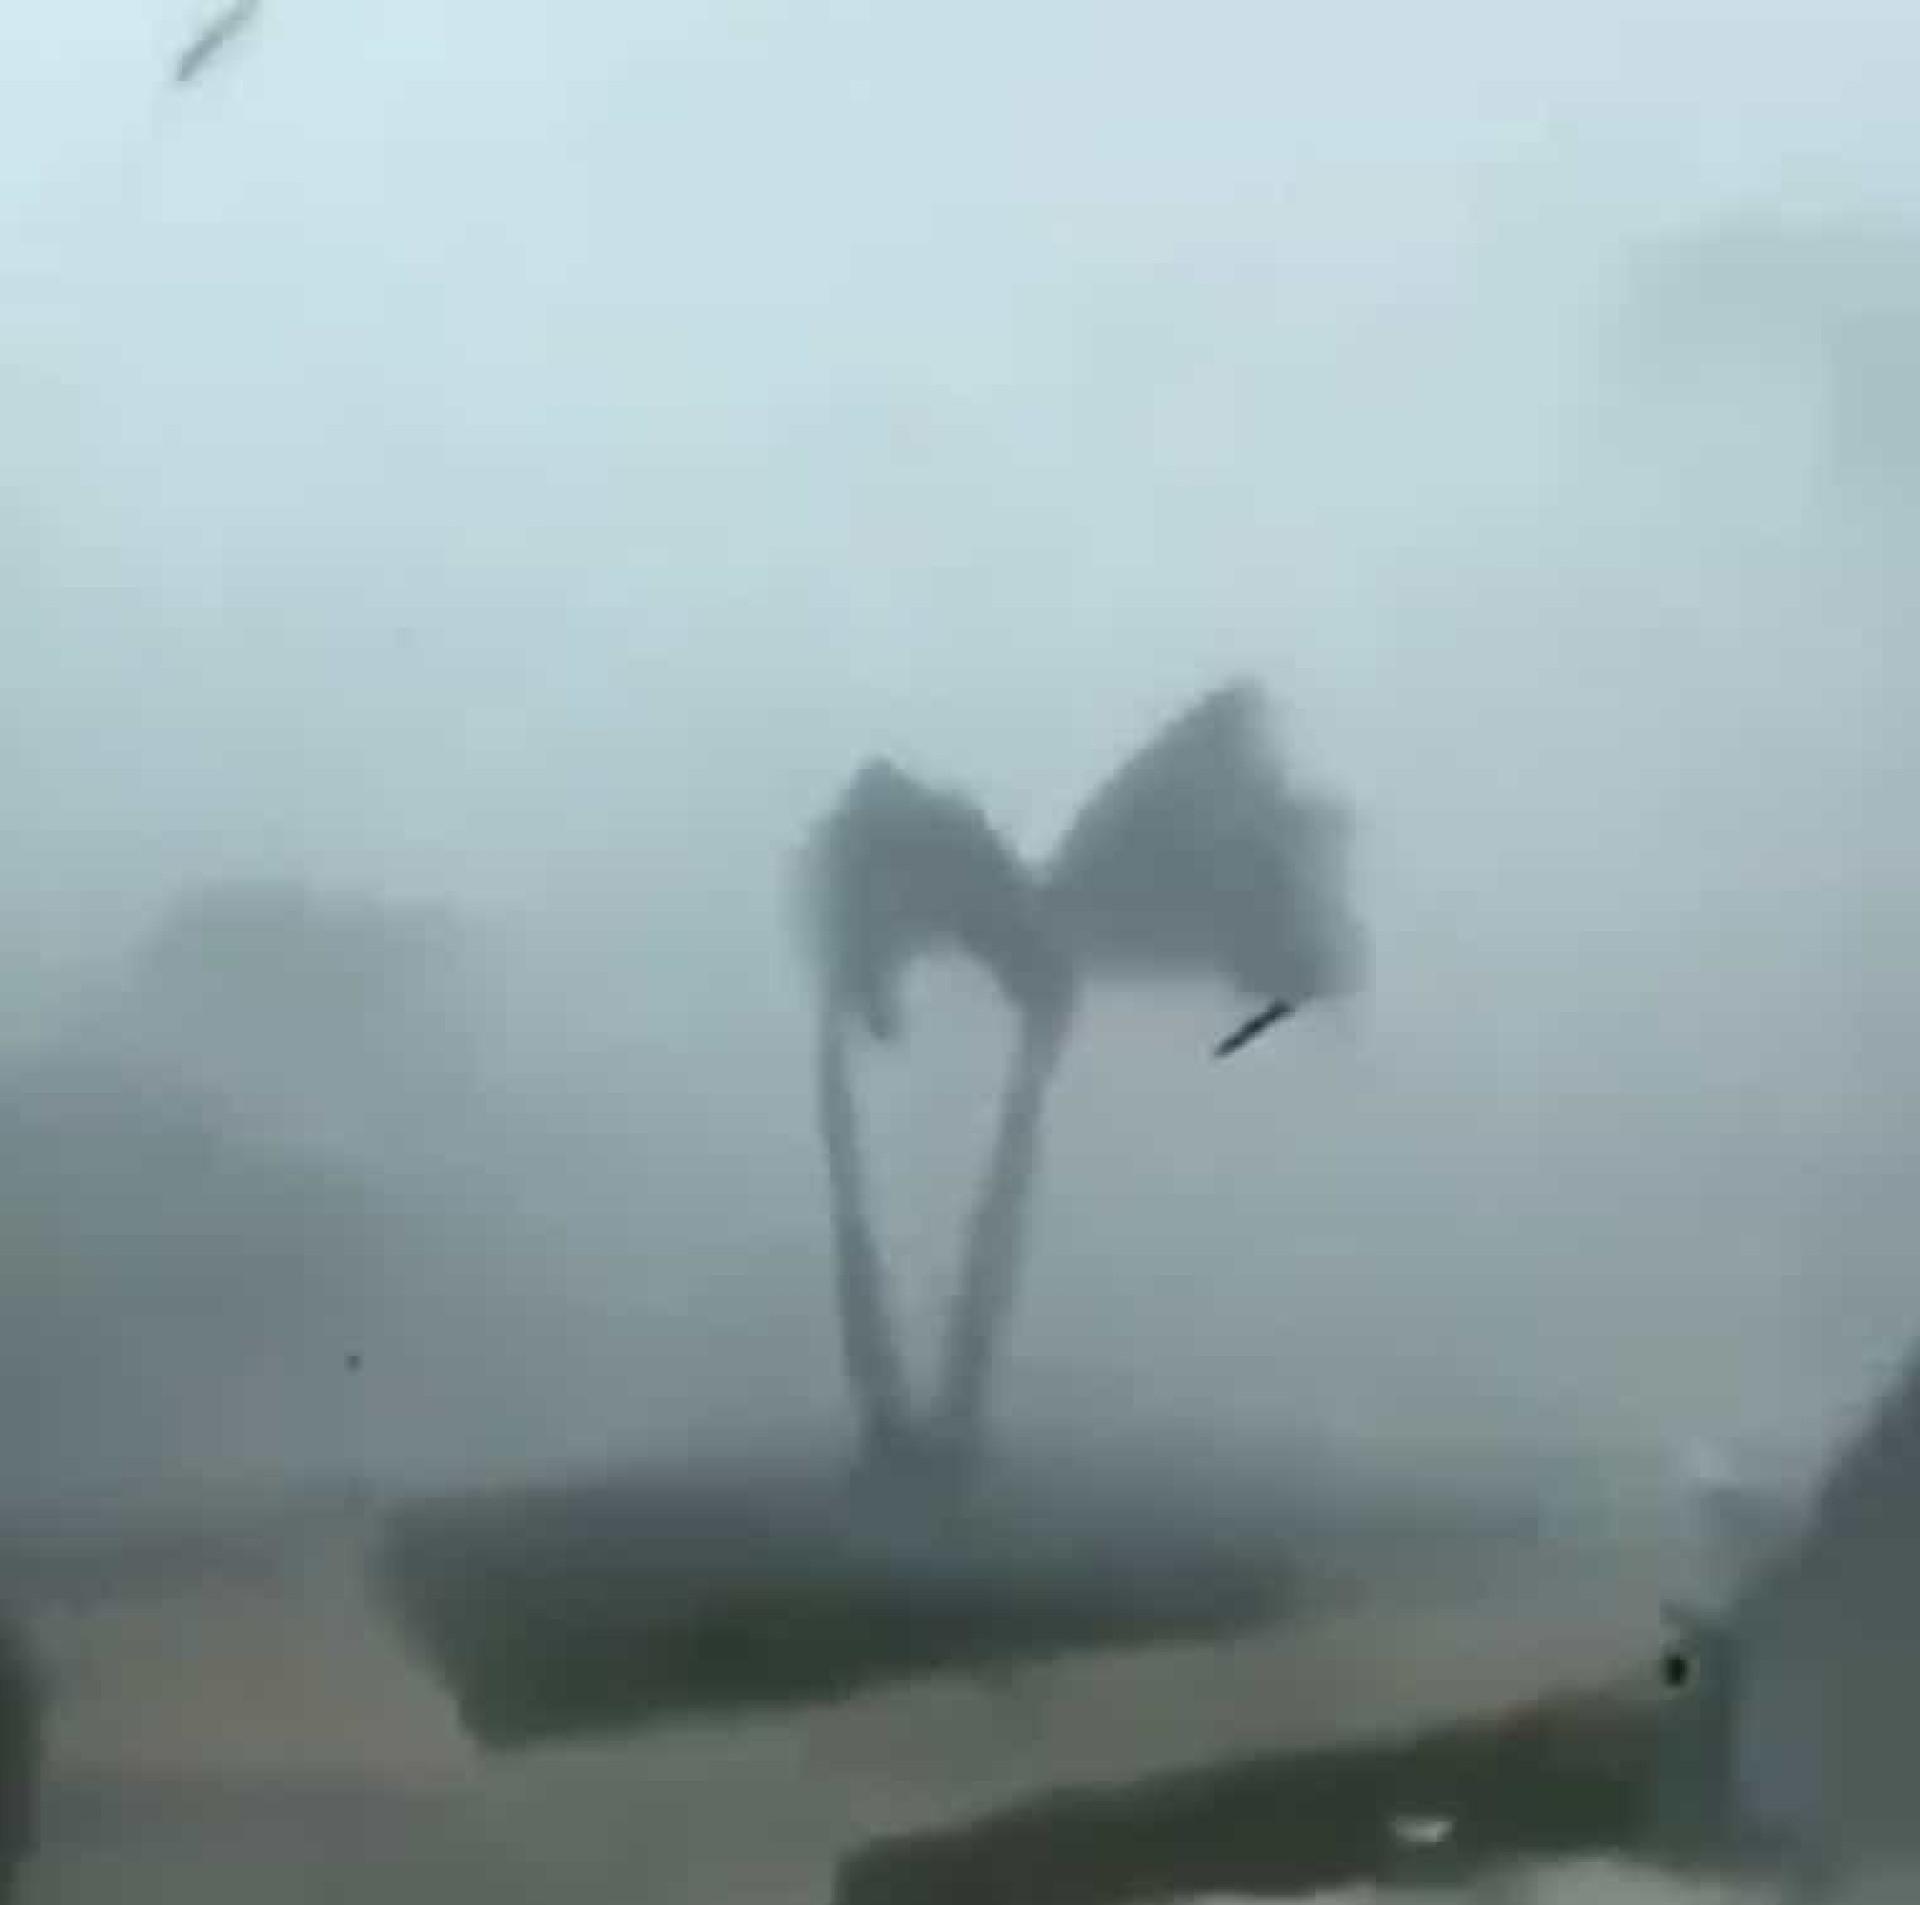 Imagens mostram violência do furacão Dorian a chegar às Bahamas